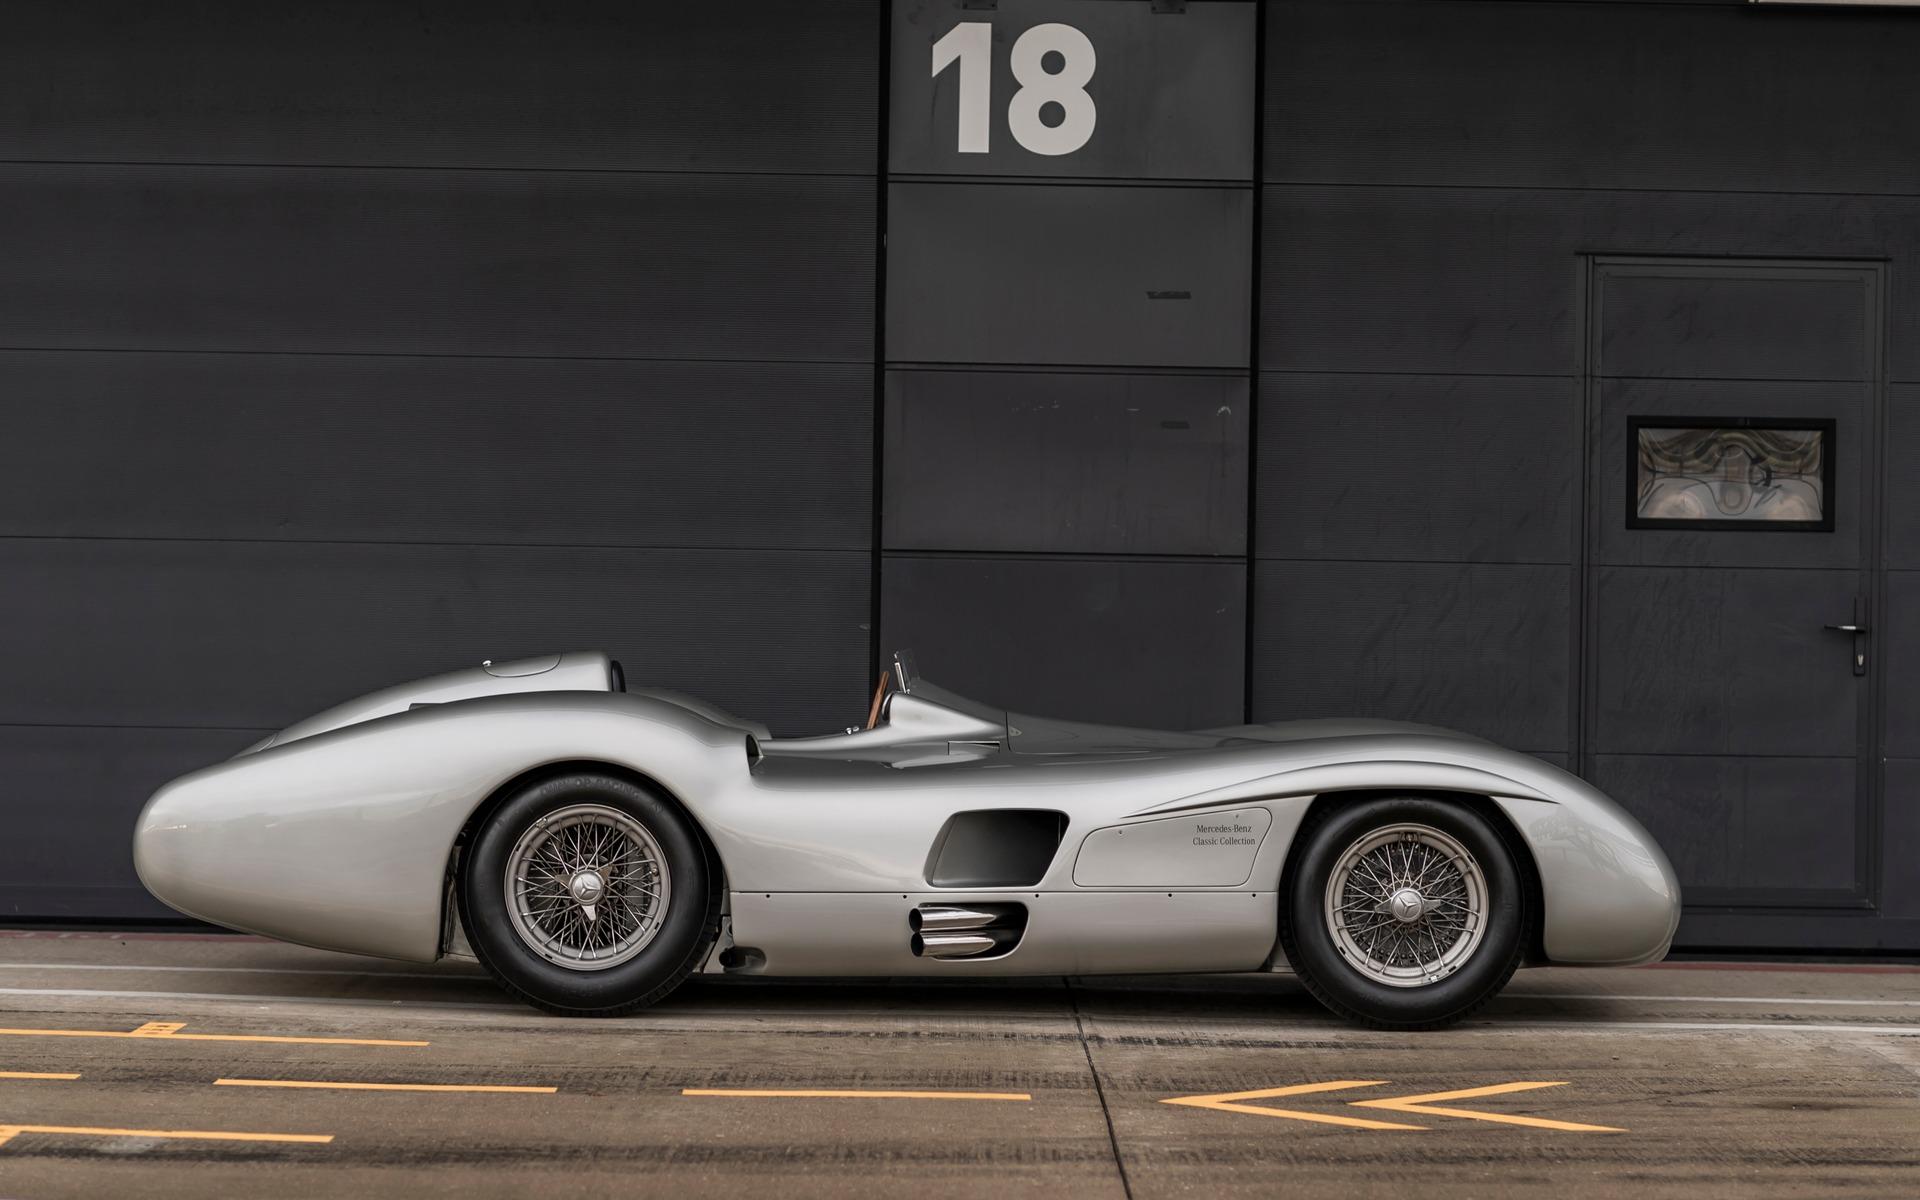 <p>Une Mercedes-Benz W196R profilée à Silverstone</p>